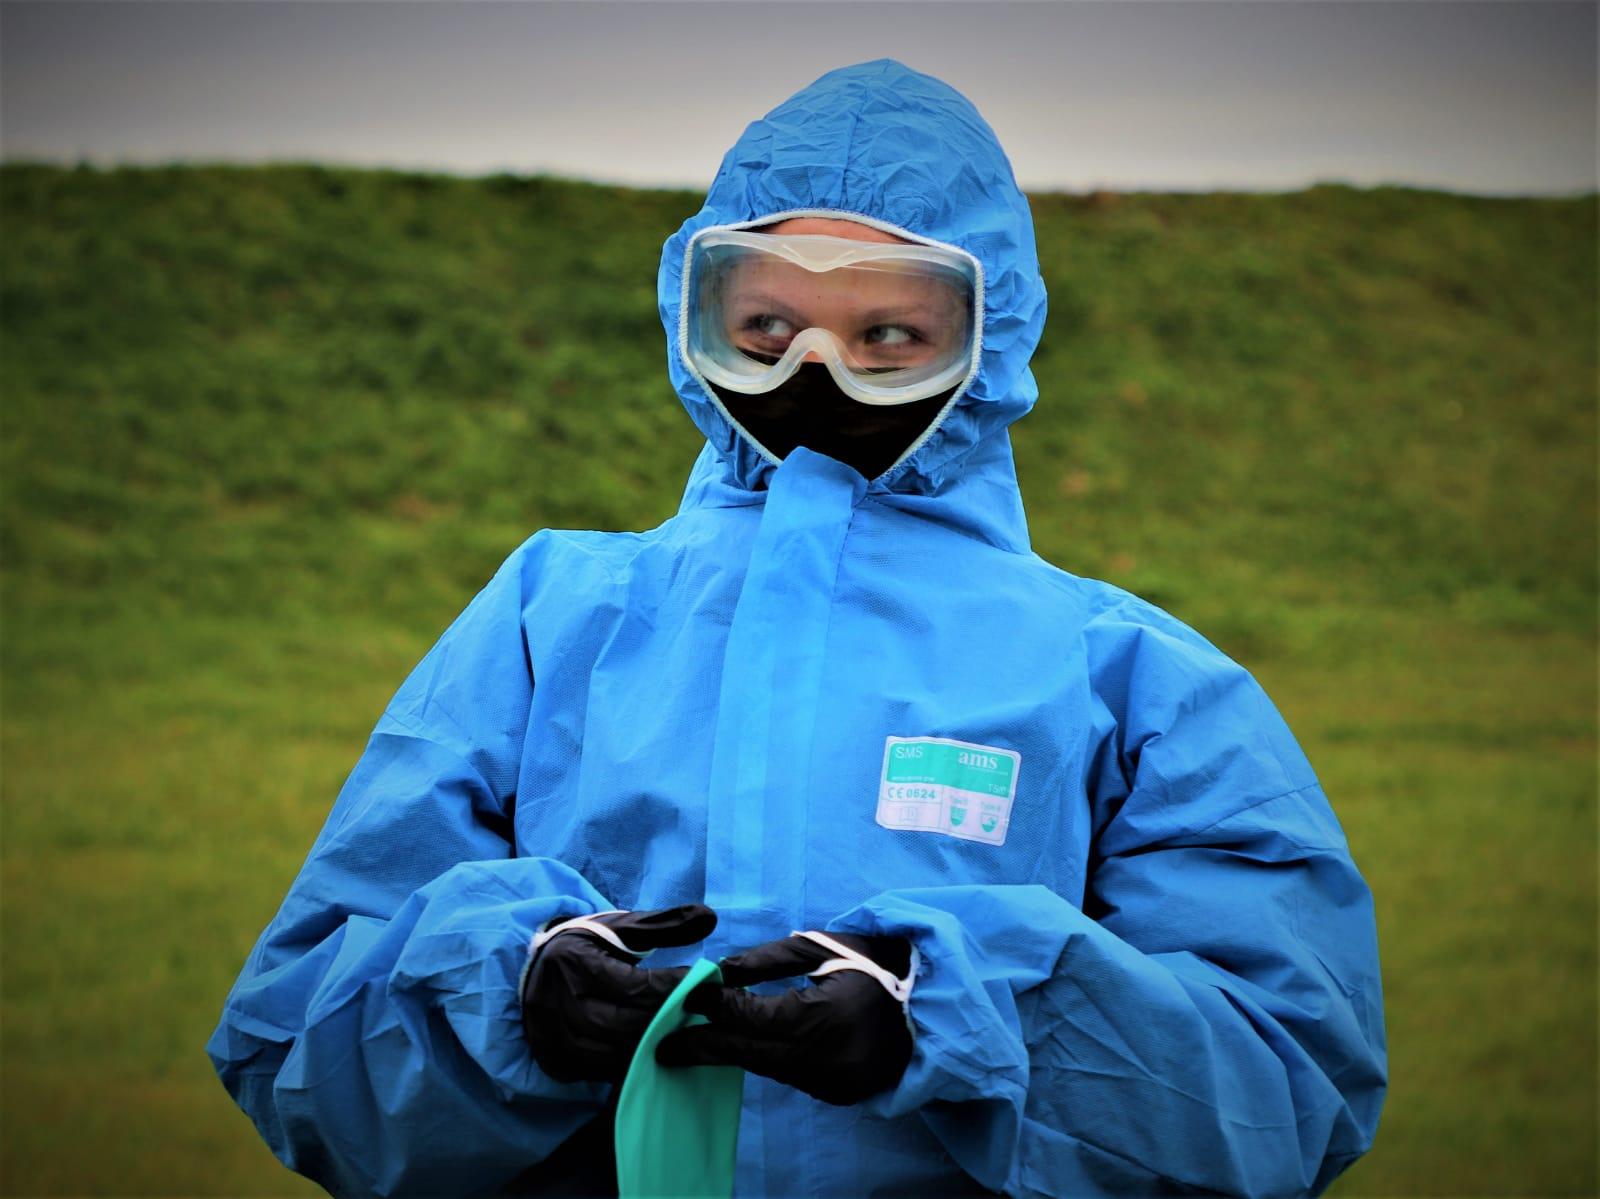 Ponad 80 procent lubelskich terytorialsów stawiło się na wezwane w związku z sytuacją epidemiczną - Zdjęcie główne